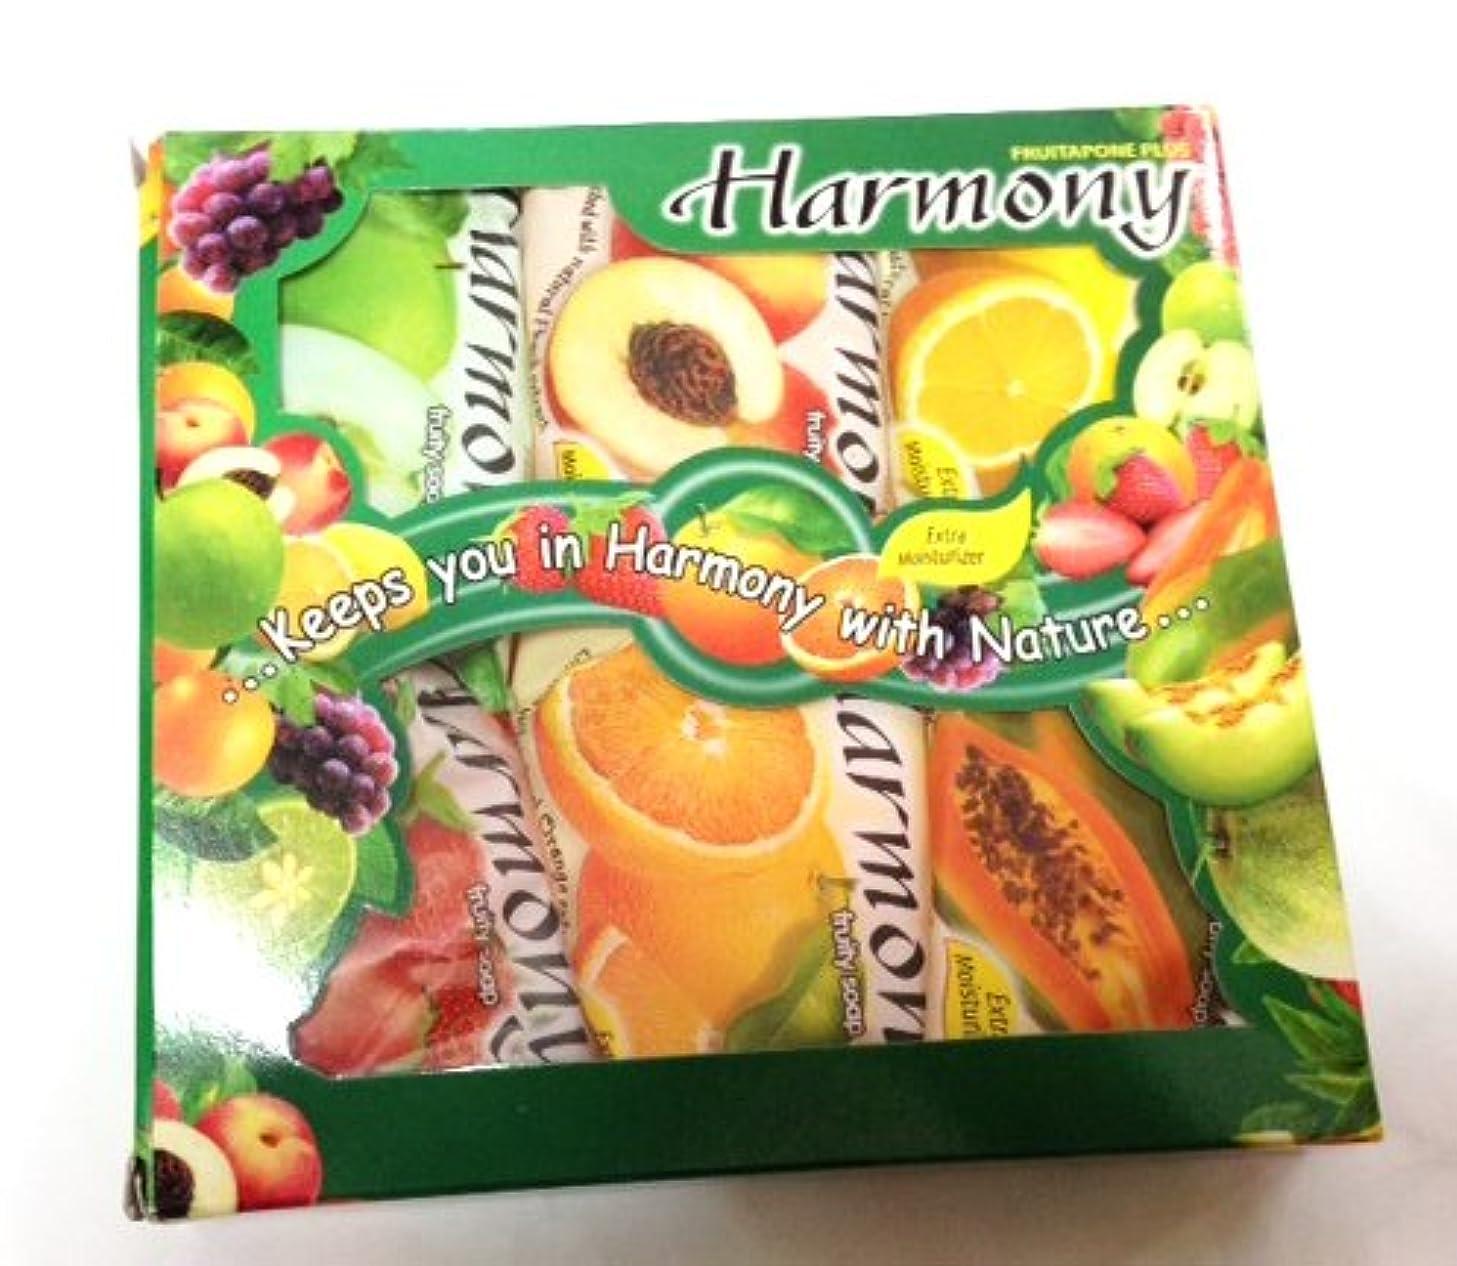 時計電話シダハーモニー フルーティーソープ 6個セット パパイヤ ピーチ オレンジ レモン アップル イチゴ